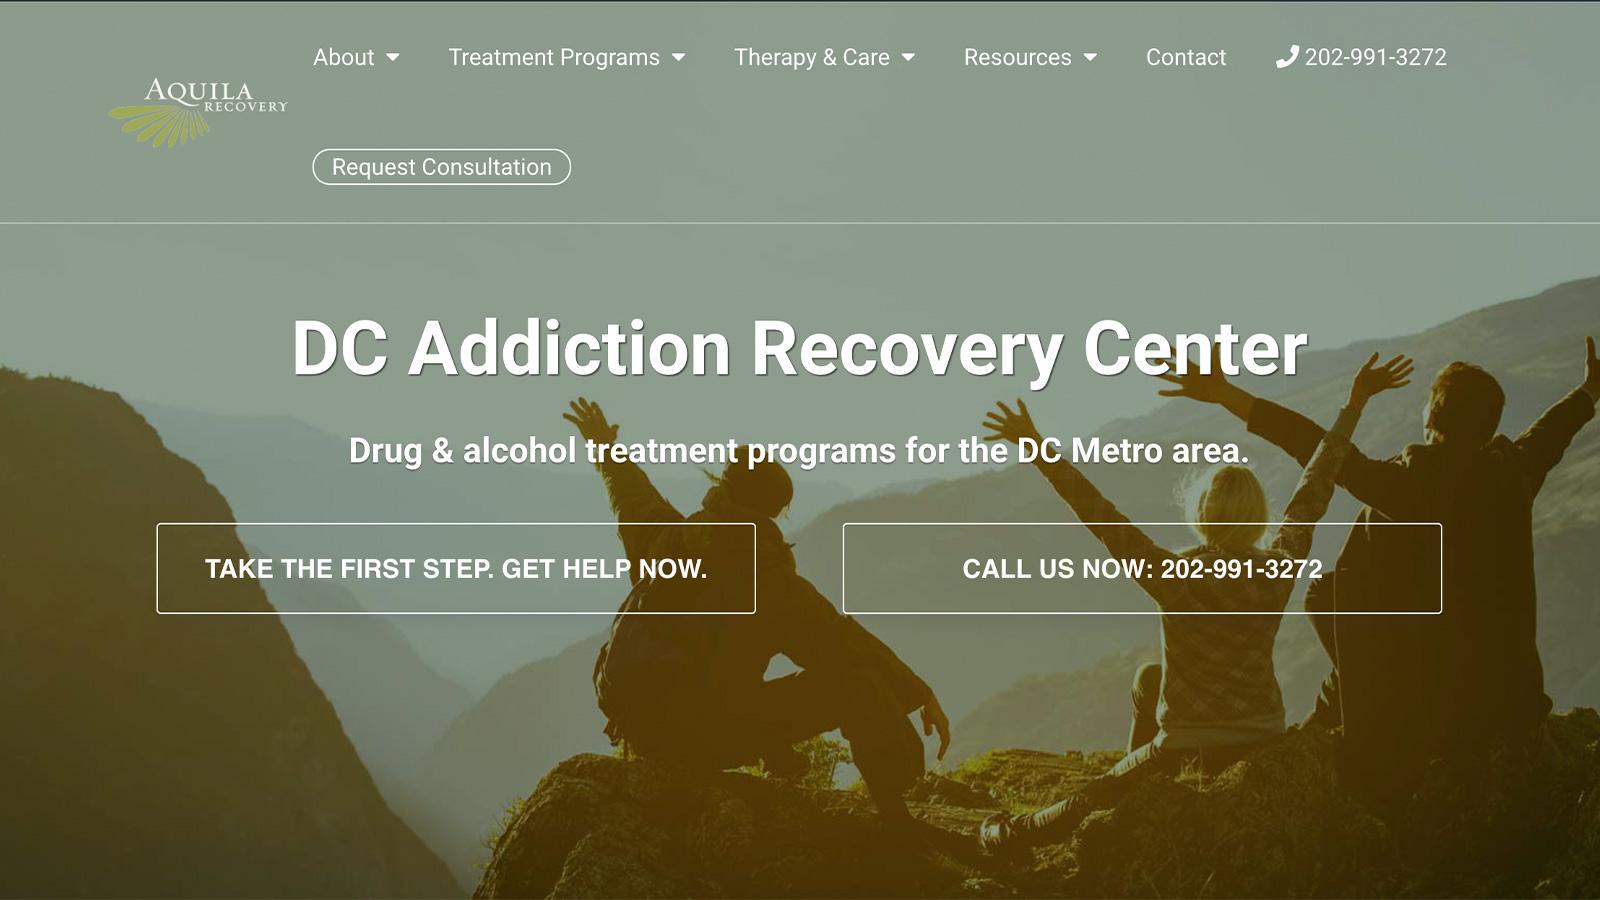 aquila home web page